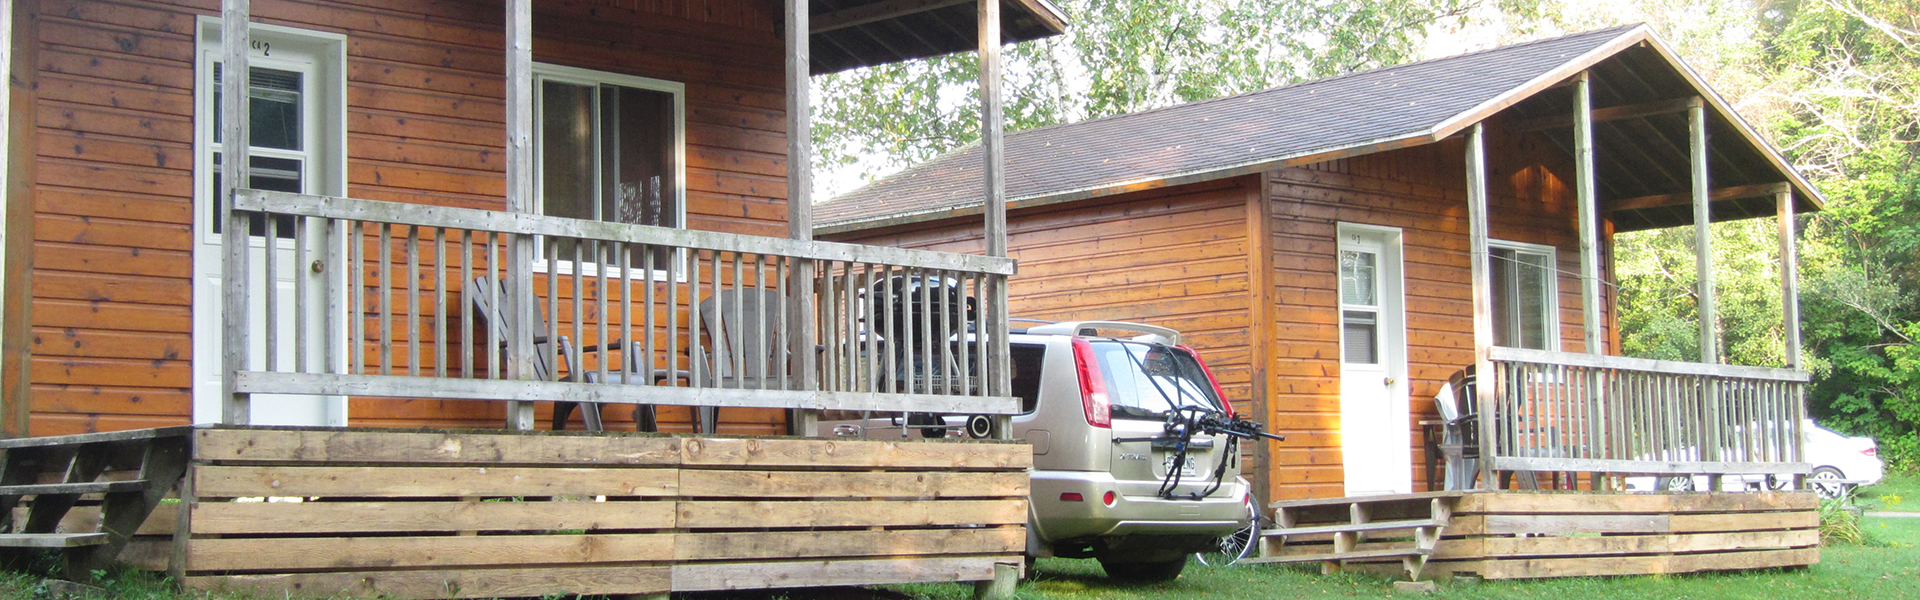 Camping Union - Camping Lac-Saint-Michel : Location de chalet, tente bruce prêt à camper!